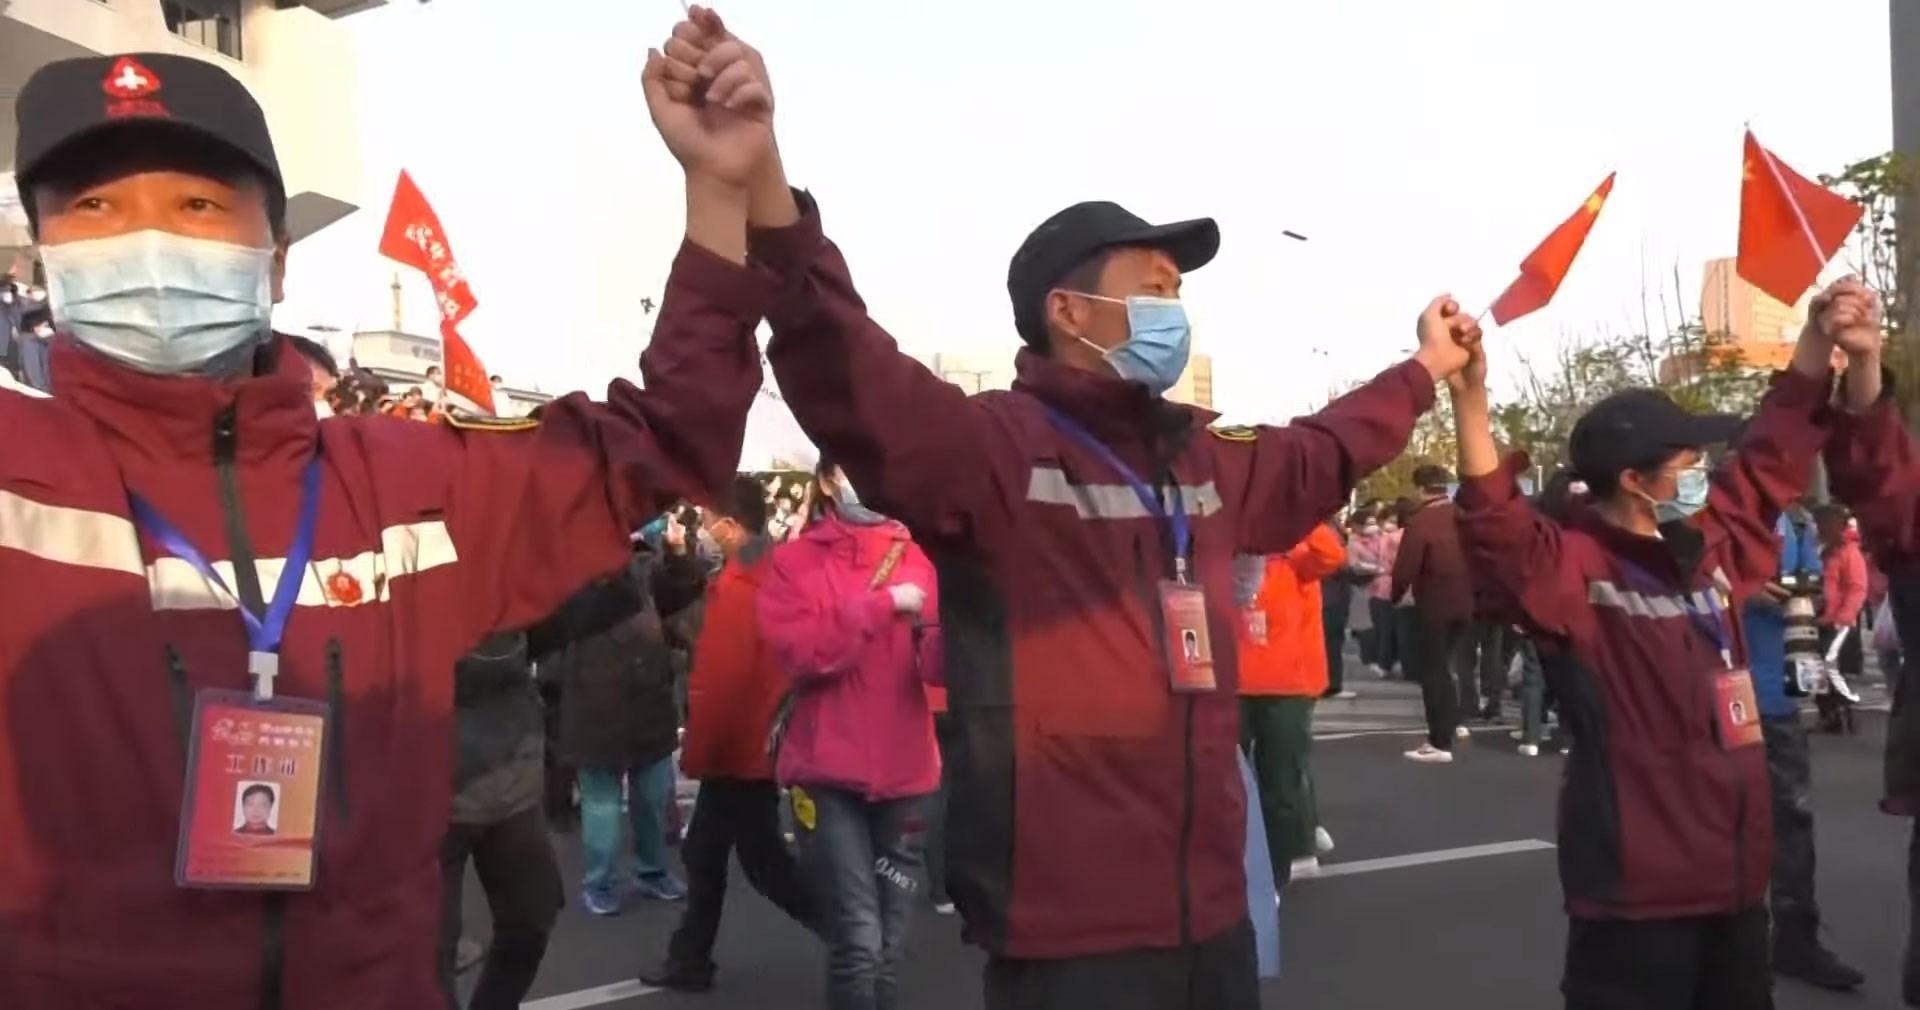 لا حالات كورونا في البر الصيني